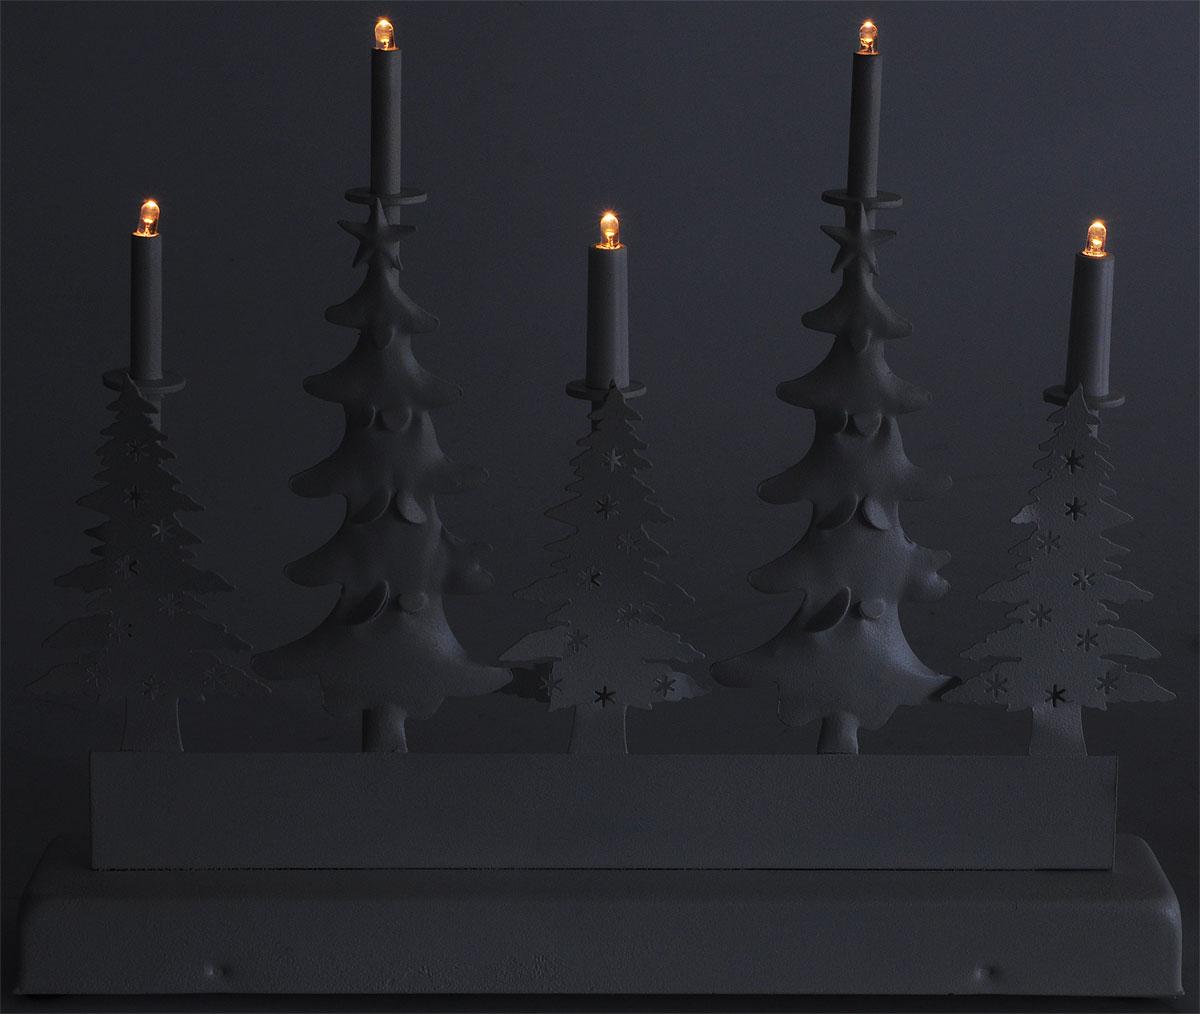 """Украшение декоративное новогоднее B&H """"Металлическая горка. Елки"""" применяется для  декорирования помещений, окон, витрин и других объектов.  Питание - от батареек 3 х АА (не  входят в комплект поставки). Блок питания снабжен таймером, который автоматически  выключает питание через 6 часов и включается снова через 18 часов. Для включения изделия  необходимо передвинуть переключатель ON/OFF, расположенный на блоке питания, в положение  ON. Через 6 часов изделие выключится самостоятельно.  Украшение предназначено  для использования внутри помещений и представляет собой оригинальную композицию ламп на  столбцах и елочками.  Светодиодное изделие создаст праздничную атмосферу и наполнит  ваш дом радостью и позитивной энергией.  5 светодиодов.   Цвет свечения: теплый белый.  Размер: 31,5 x 26 x 5,5 см."""